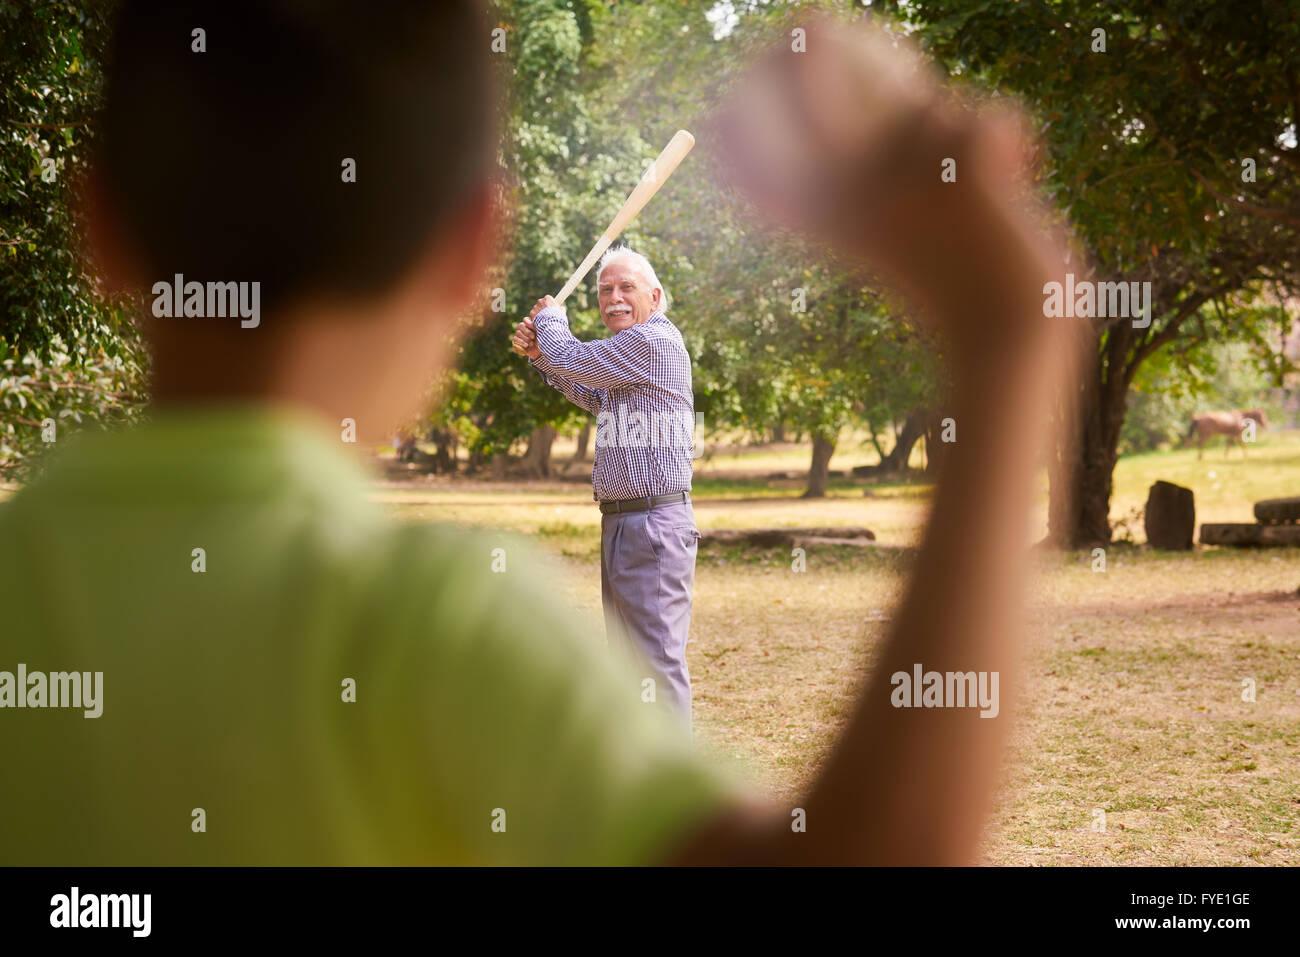 Los abuelos pasar tiempo con su nieto: Senior hombre jugando béisbol con su nieto en el parque. El viejo hombre Imagen De Stock